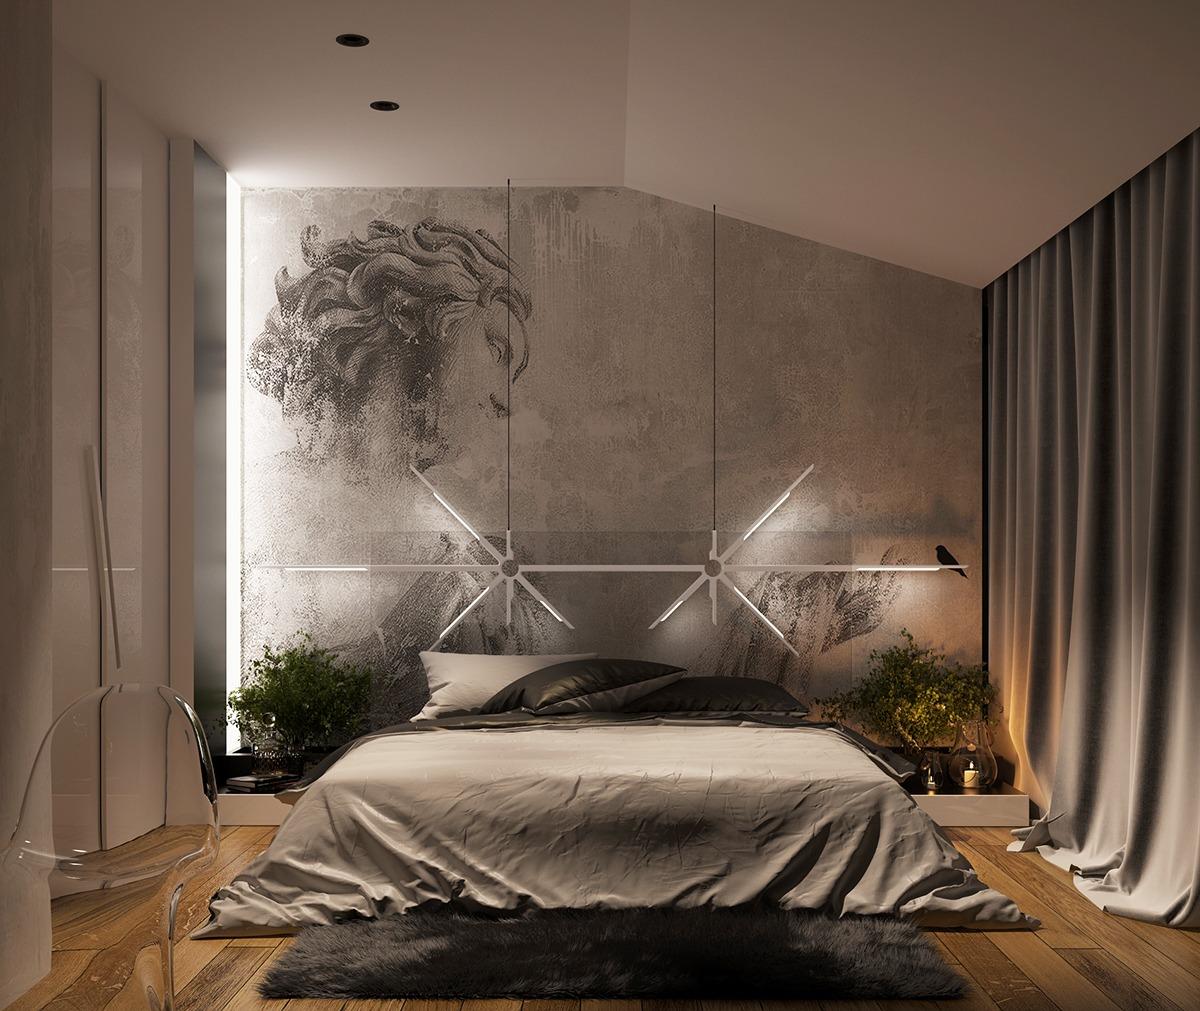 Wedo thiết kế nội thất phòng ngủ sáng tạo cho nhà đẹp với màu trung tính tinh tế